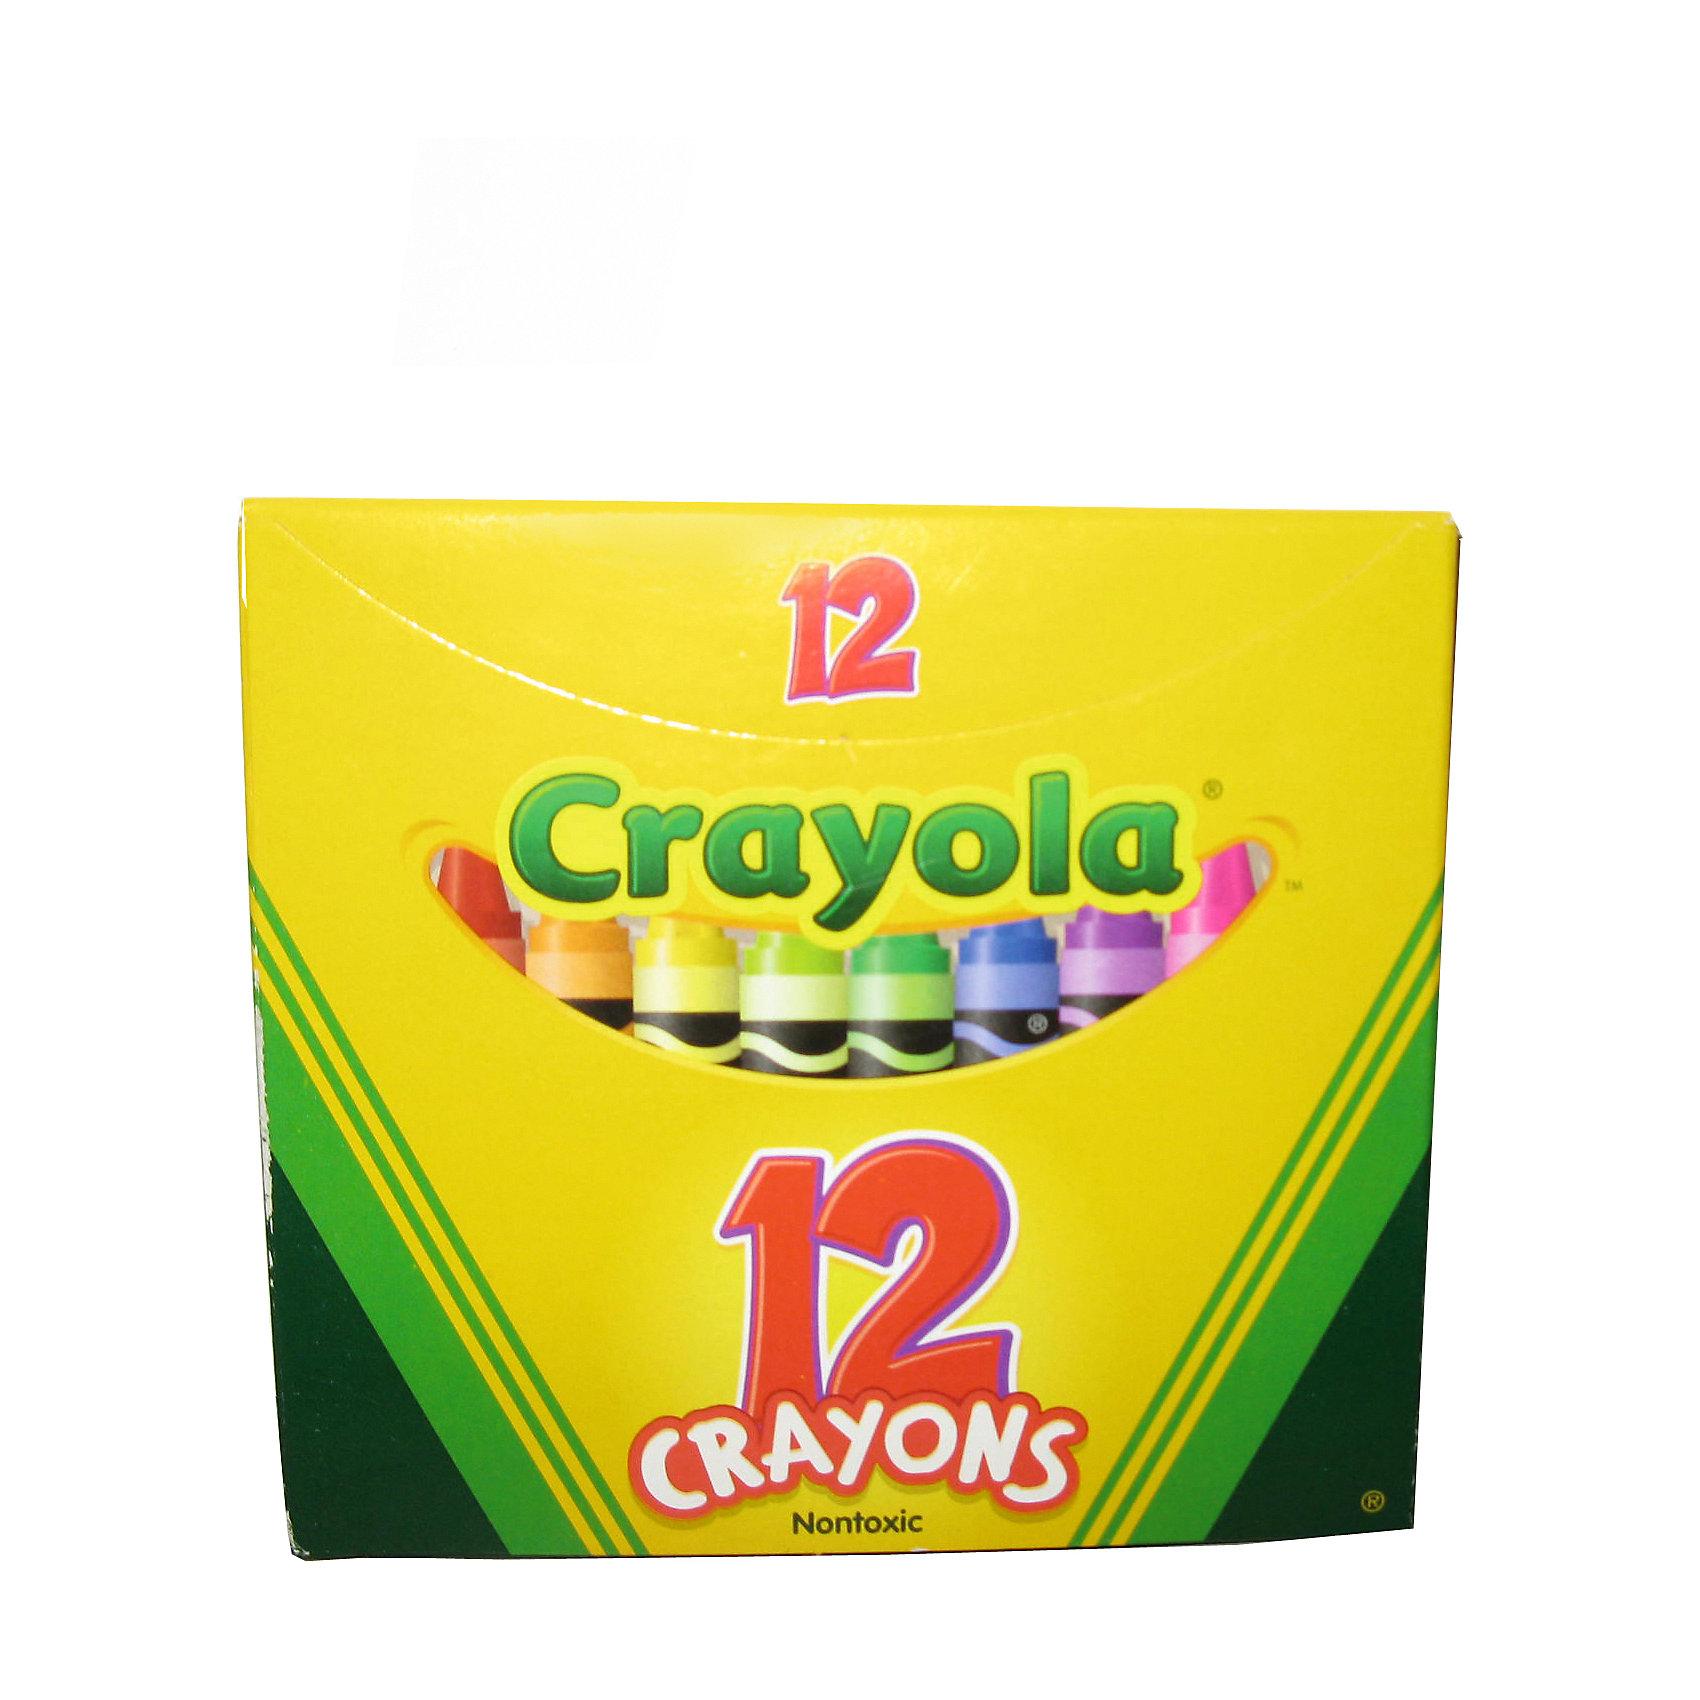 Набор из 12 разноцветных восковых мелков, CrayolaМасляные и восковые мелки<br>Набор из 12 разноцветных восковых мелков от Crayola (Крайола) обязательно порадует каждого ребёнка, ведь все дети так любят рисовать! Набор идеален для творческого развития вашего ребенка.<br><br>Мелки отлично передают цвета и не ломаются. Восковыми мелками можно рисовать на бумаге, картоне и дереве. Шерховатая поверхность больше не будет помехой для рисунков ребёнка, а если он захочет изменить свой рисунок, то сможет легко стереть ненужные линии ластиком!<br><br>Мелки фирмы Crayola (Крайола) изготовлены из натурального пчелиного воска с добавлением растительных красителей - они абсолютно безвредны для ваших детей. Их можно смыть тёплой водой с рук, любых поверхностей и одежды.<br><br>Набор из 12 разноцветных восковых мелков от Crayola (Крайола) можно купить в нашем интернет-магазине.<br><br>Дополнительная информация:<br>В набор входит: 12 цветных восковых мелков<br>Длина мелка: 9,5 см<br>Размер упаковки: 10,5 x 10 x 1 см<br><br>Ширина мм: 170<br>Глубина мм: 265<br>Высота мм: 35<br>Вес г: 800<br>Возраст от месяцев: 36<br>Возраст до месяцев: 1188<br>Пол: Унисекс<br>Возраст: Детский<br>SKU: 2149649